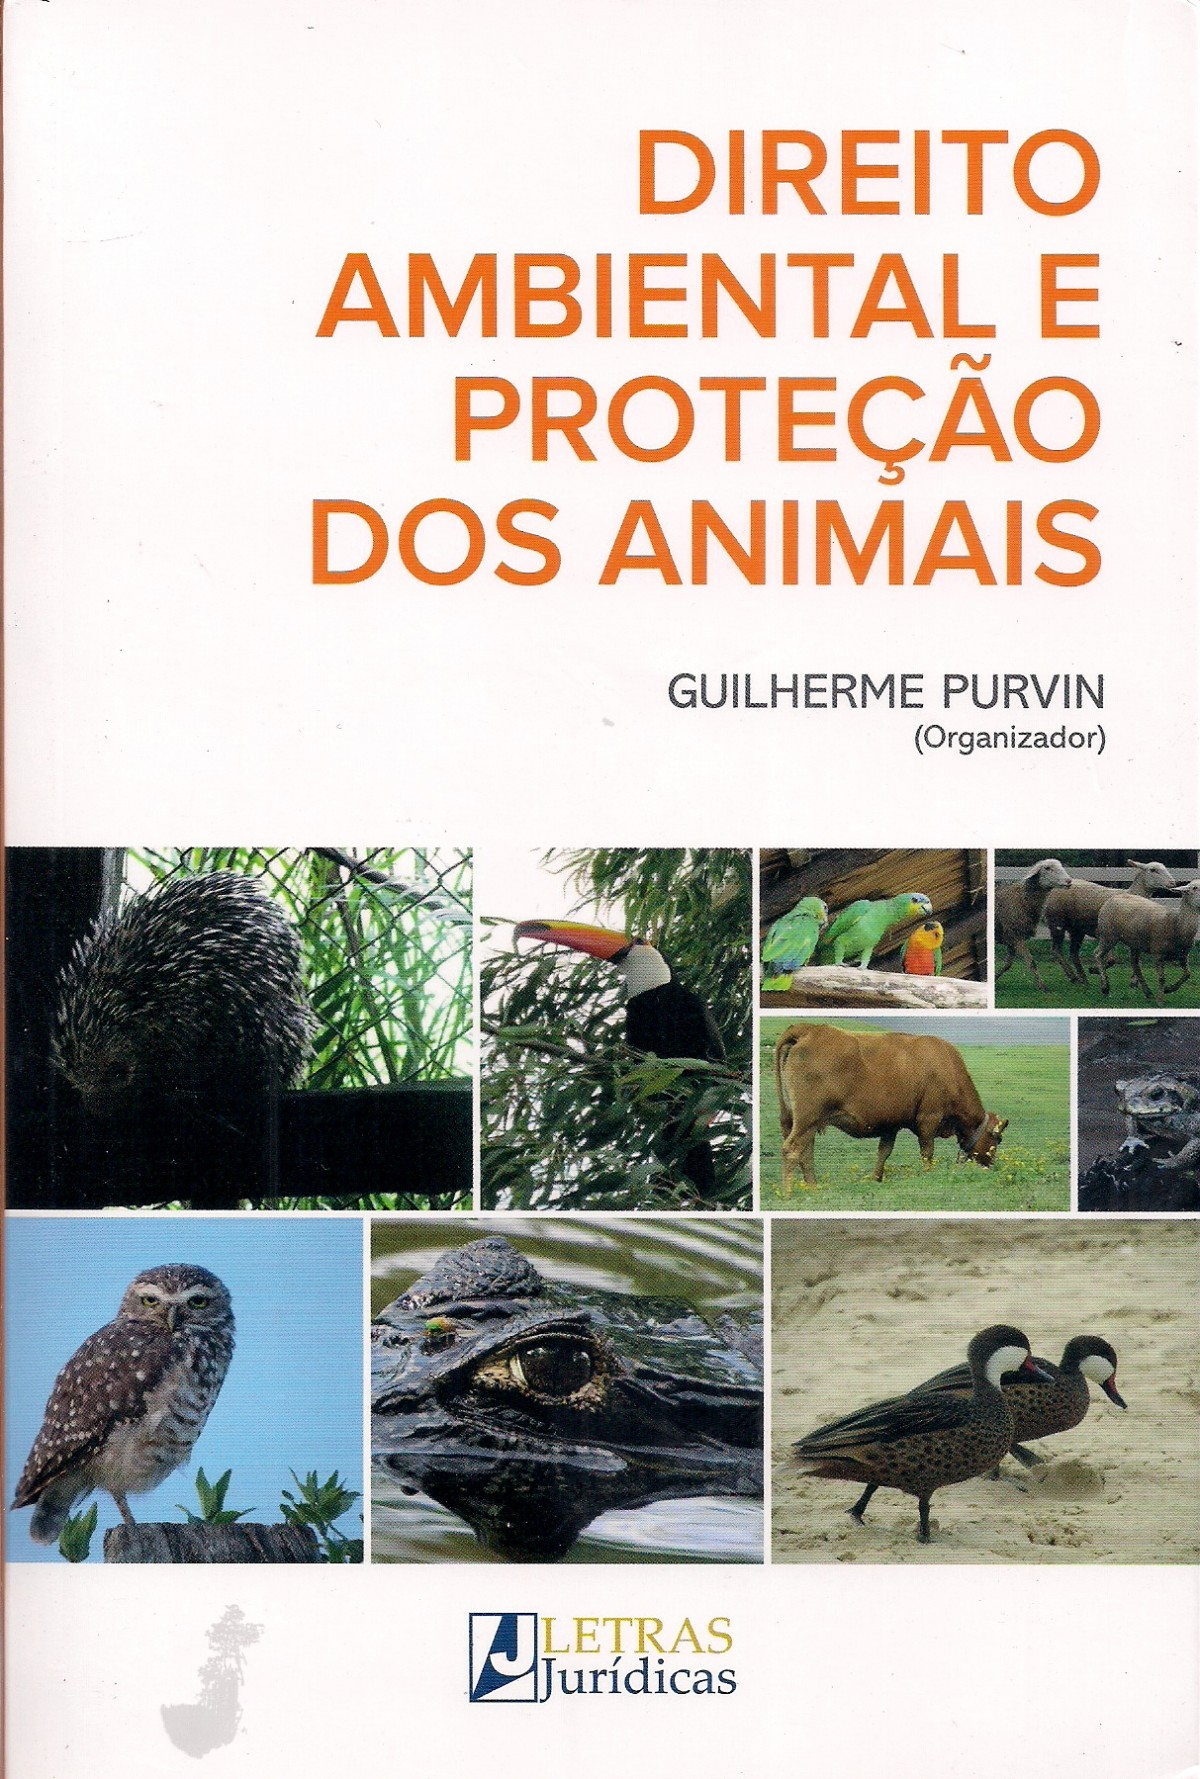 Foto 1 - Direito Ambiental e Proteção dos Animais